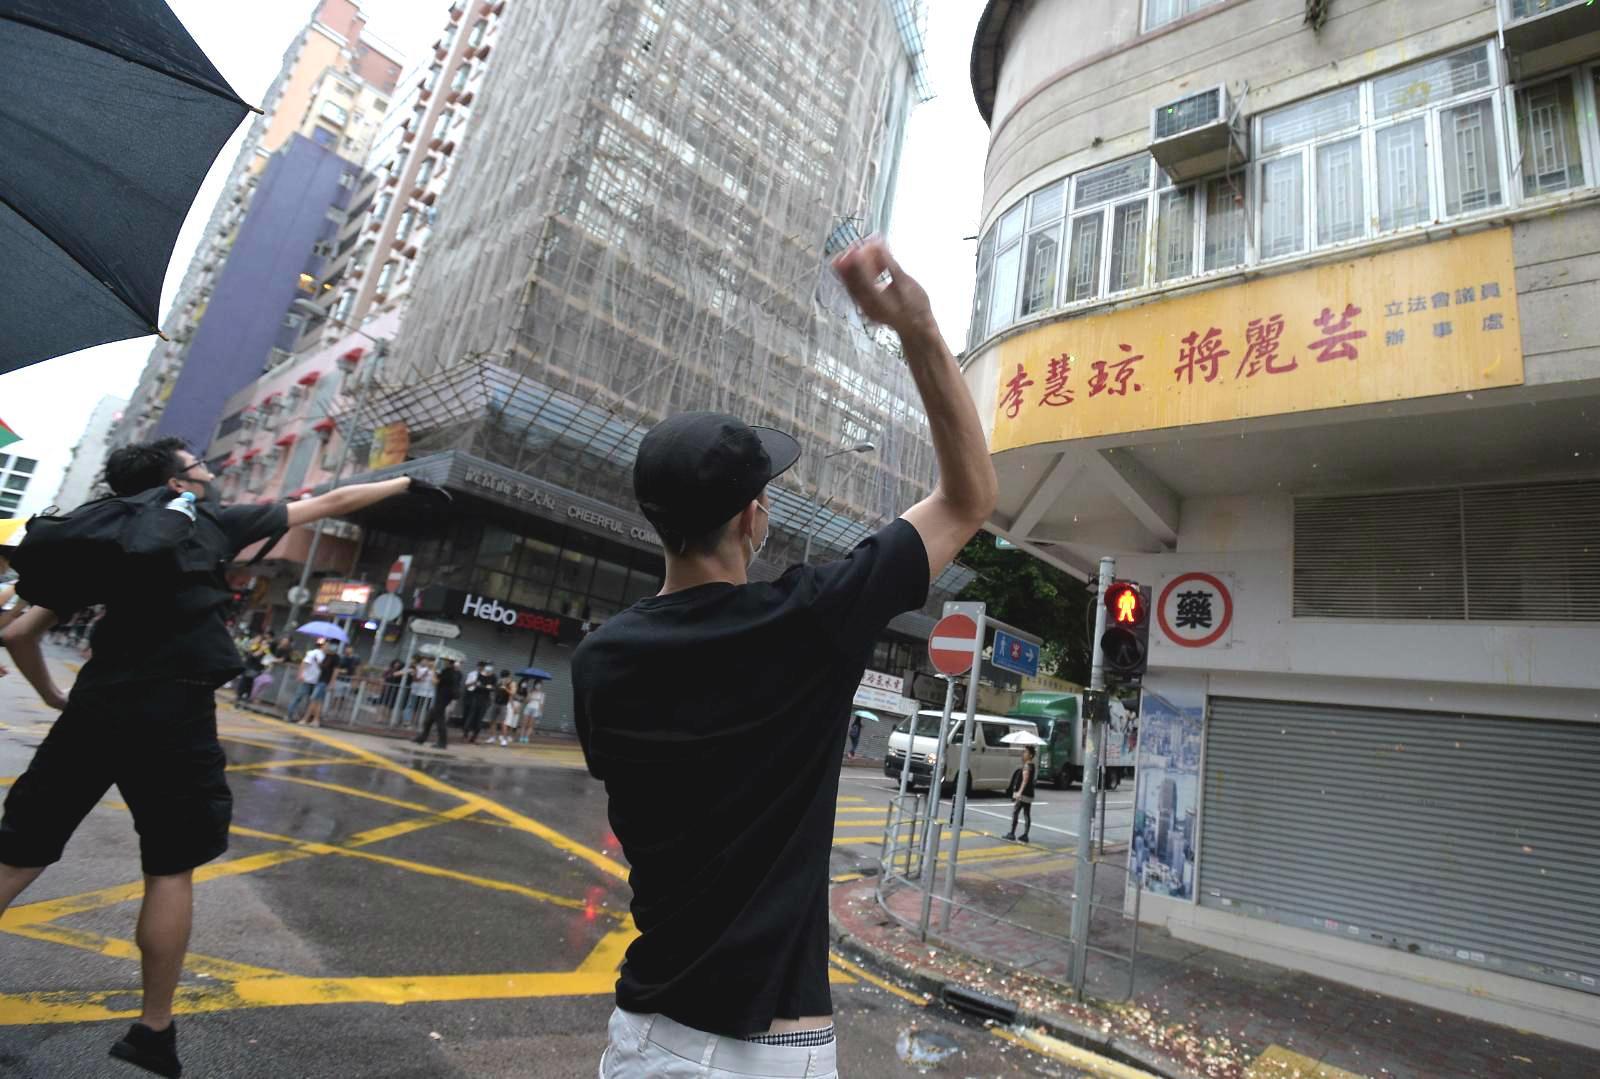 政府譴責示威者破壞設施。